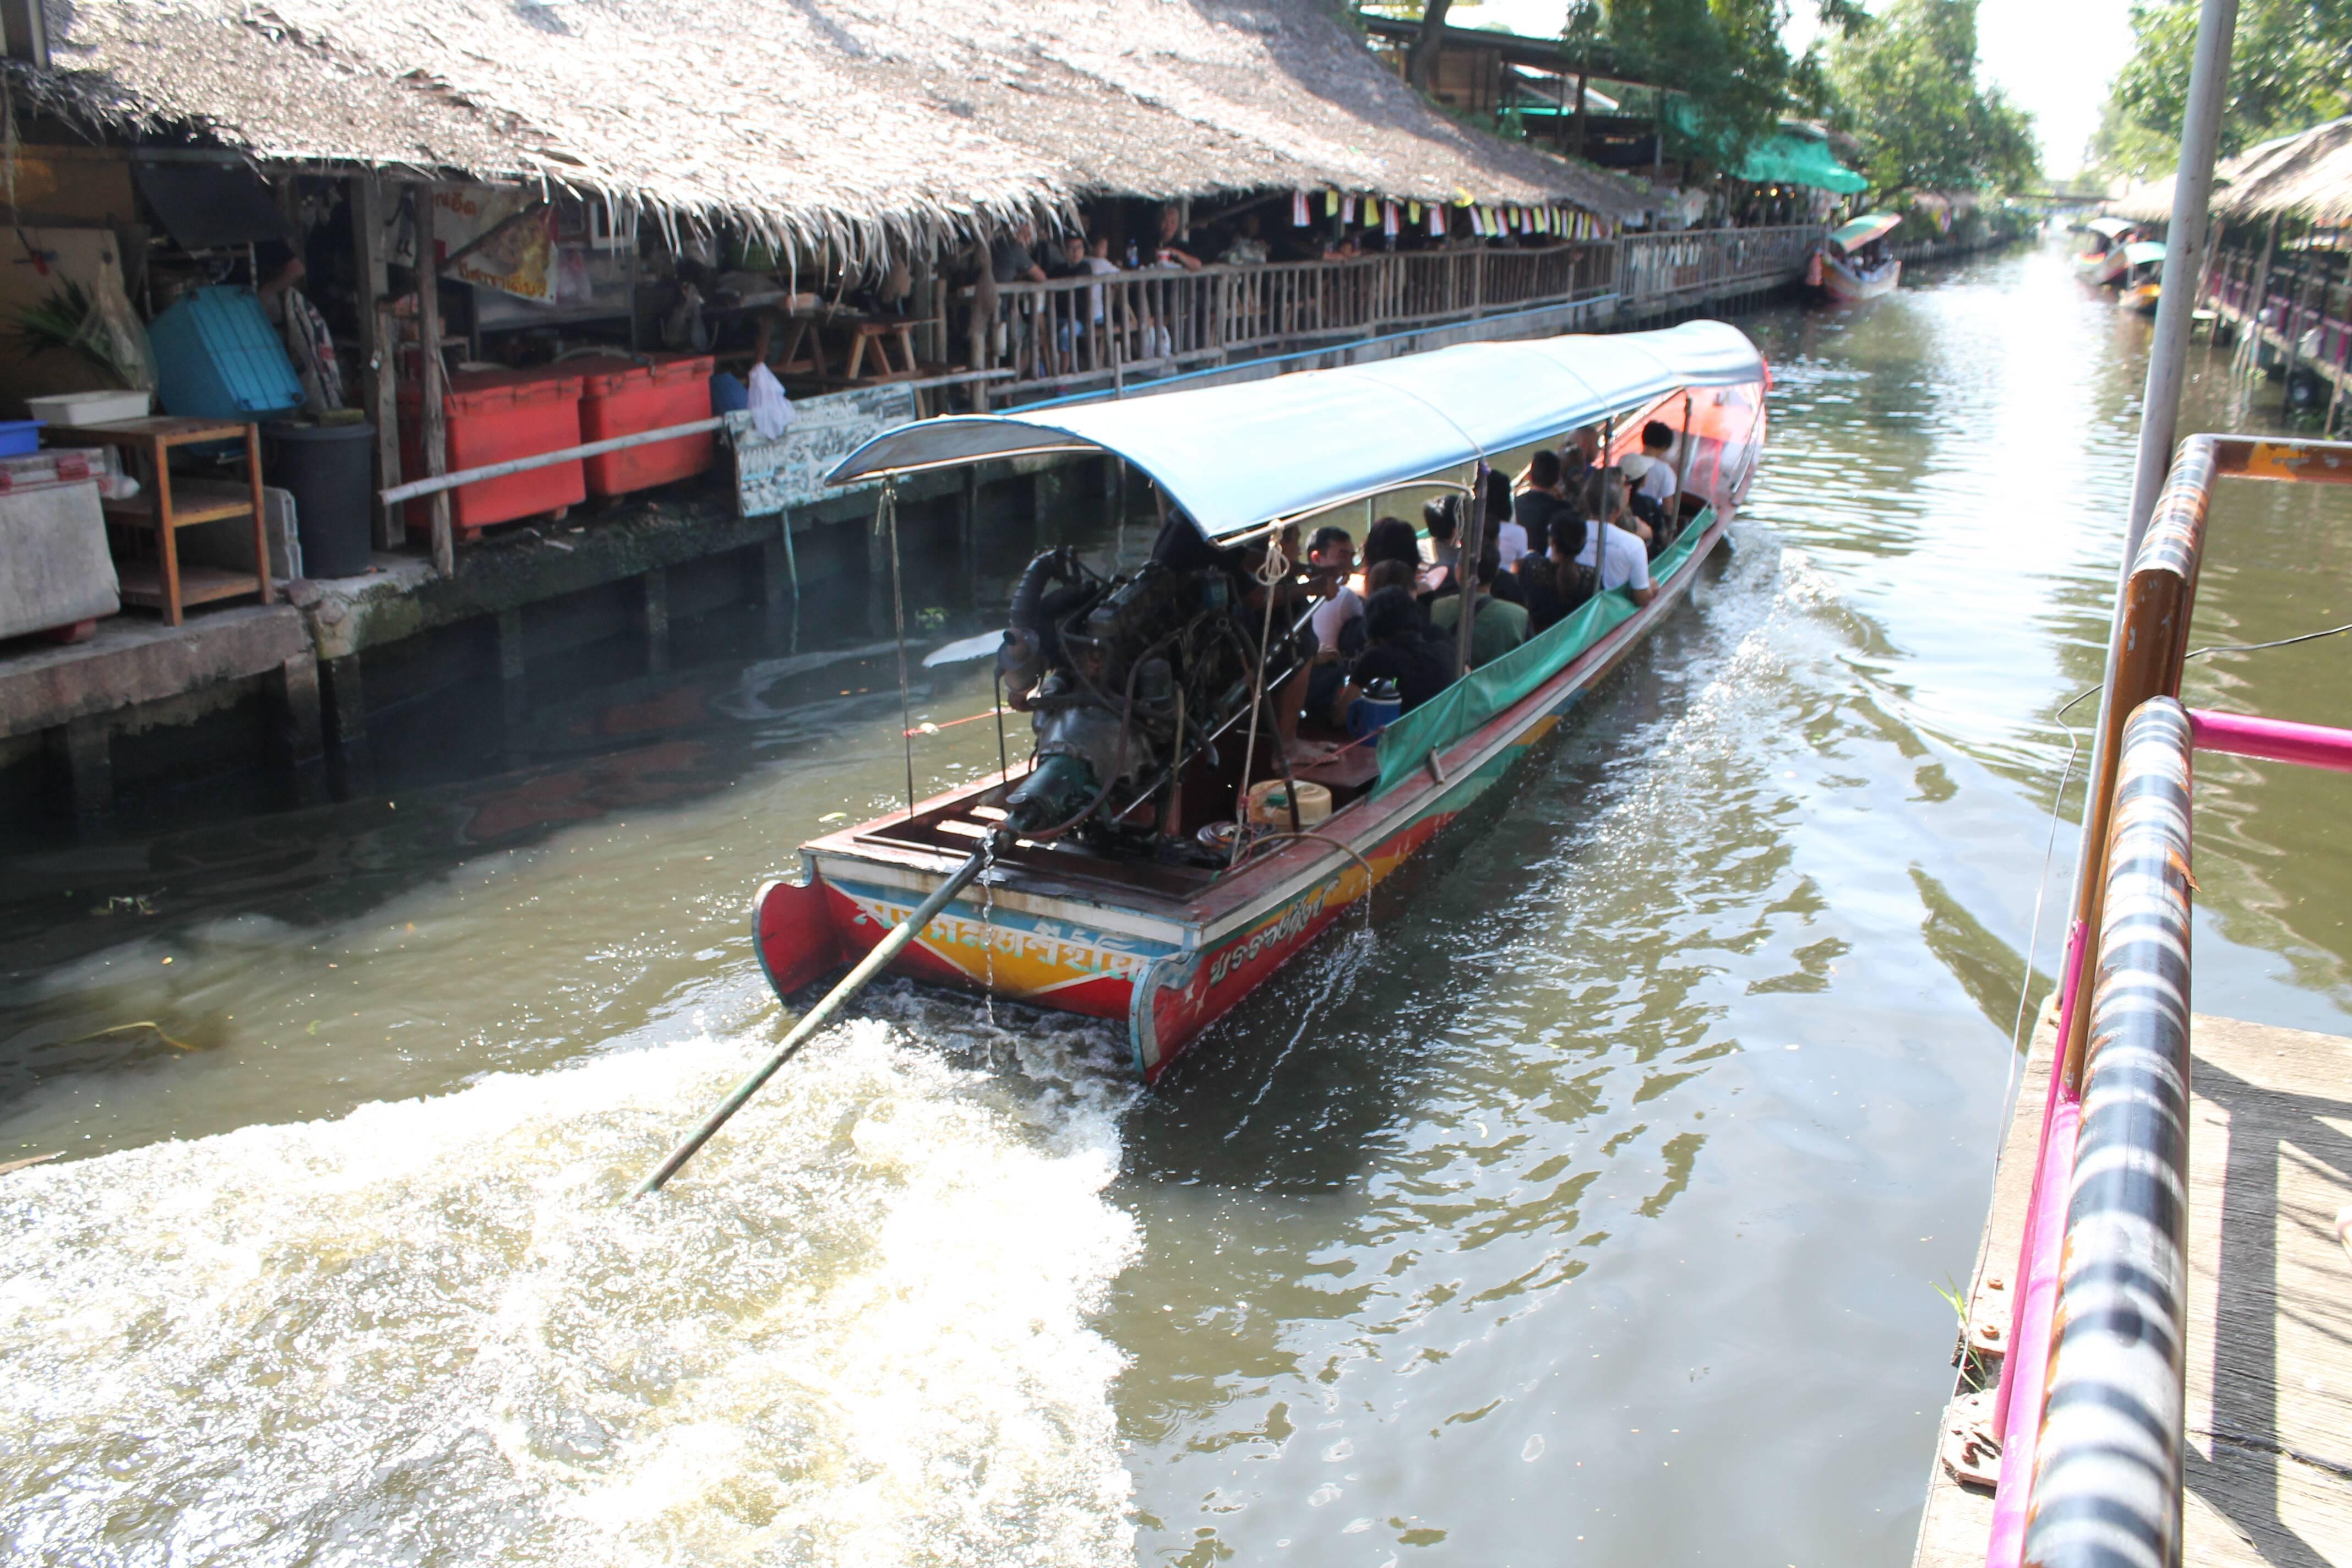 Longtail boats que cruzam os canais da região do Khlong Lat Mayom e Taling Chan - mercado flutuante